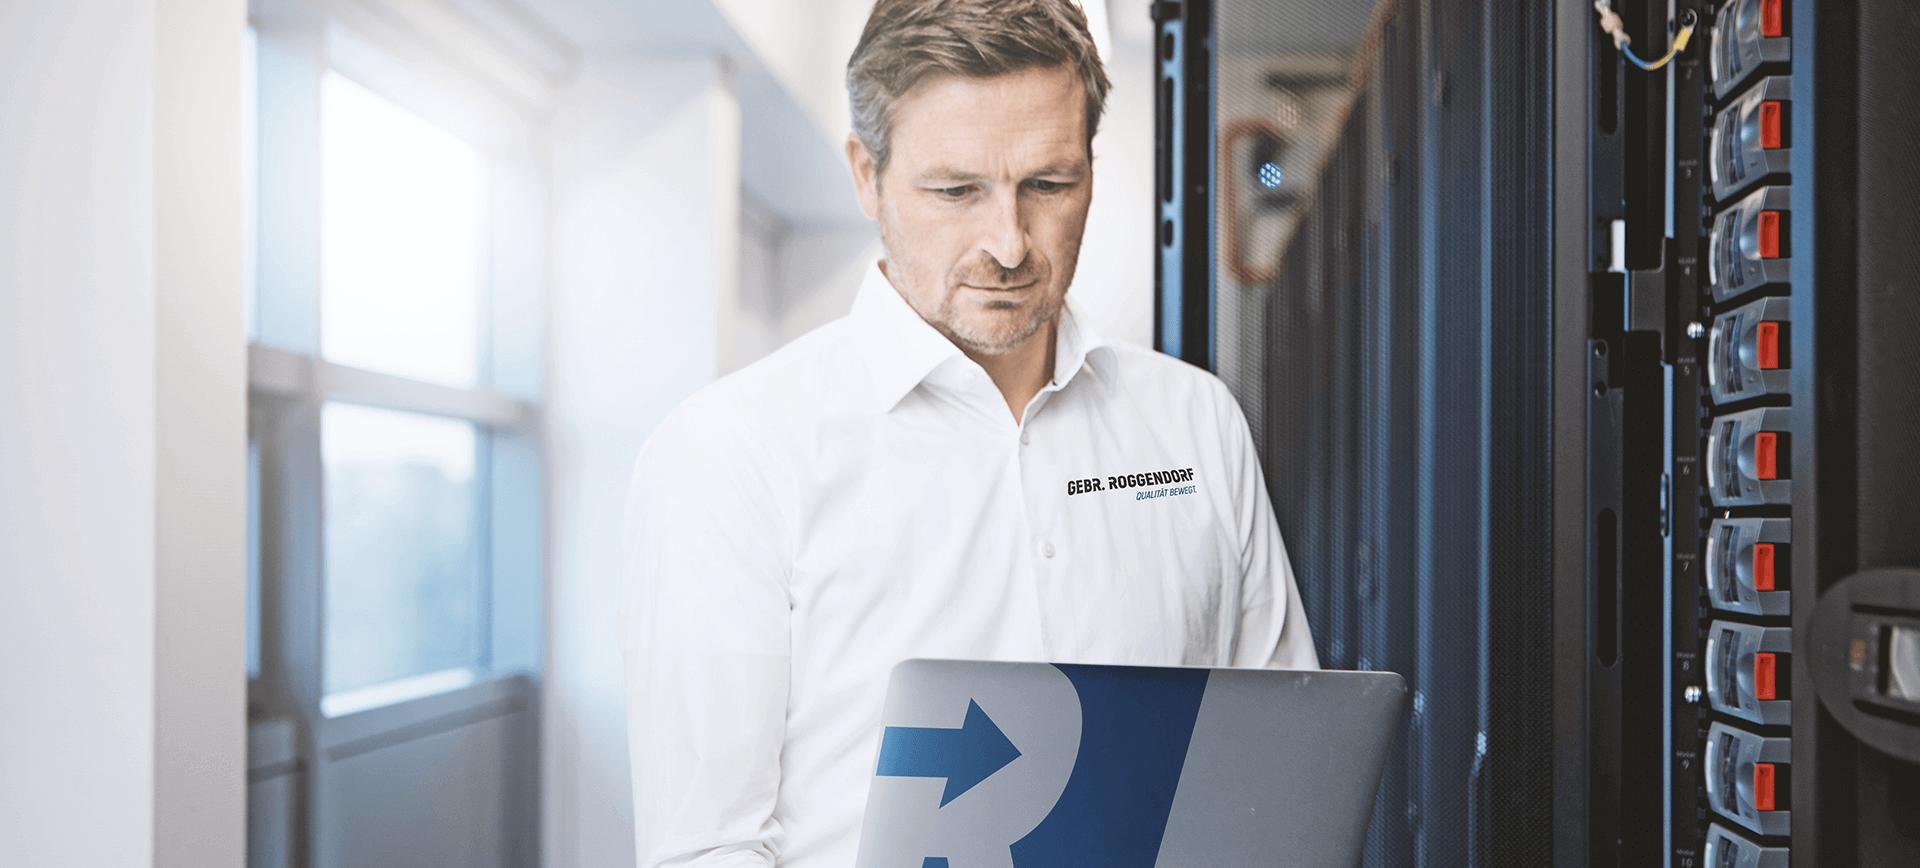 roggendorf umzug service firmenumzug it-umzug it-services